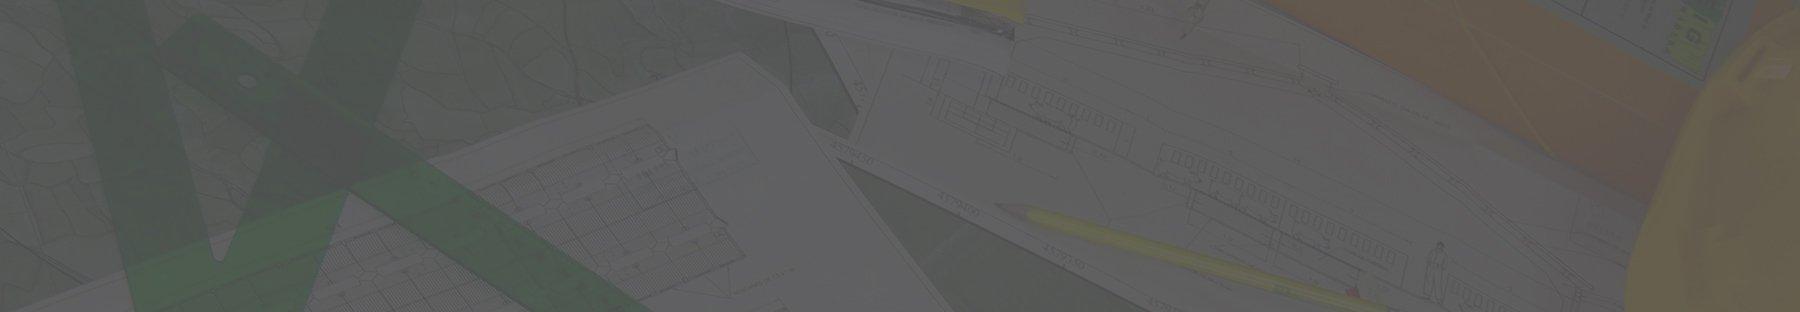 Gestión, redacción y diseño de proyectos de ingeniería.